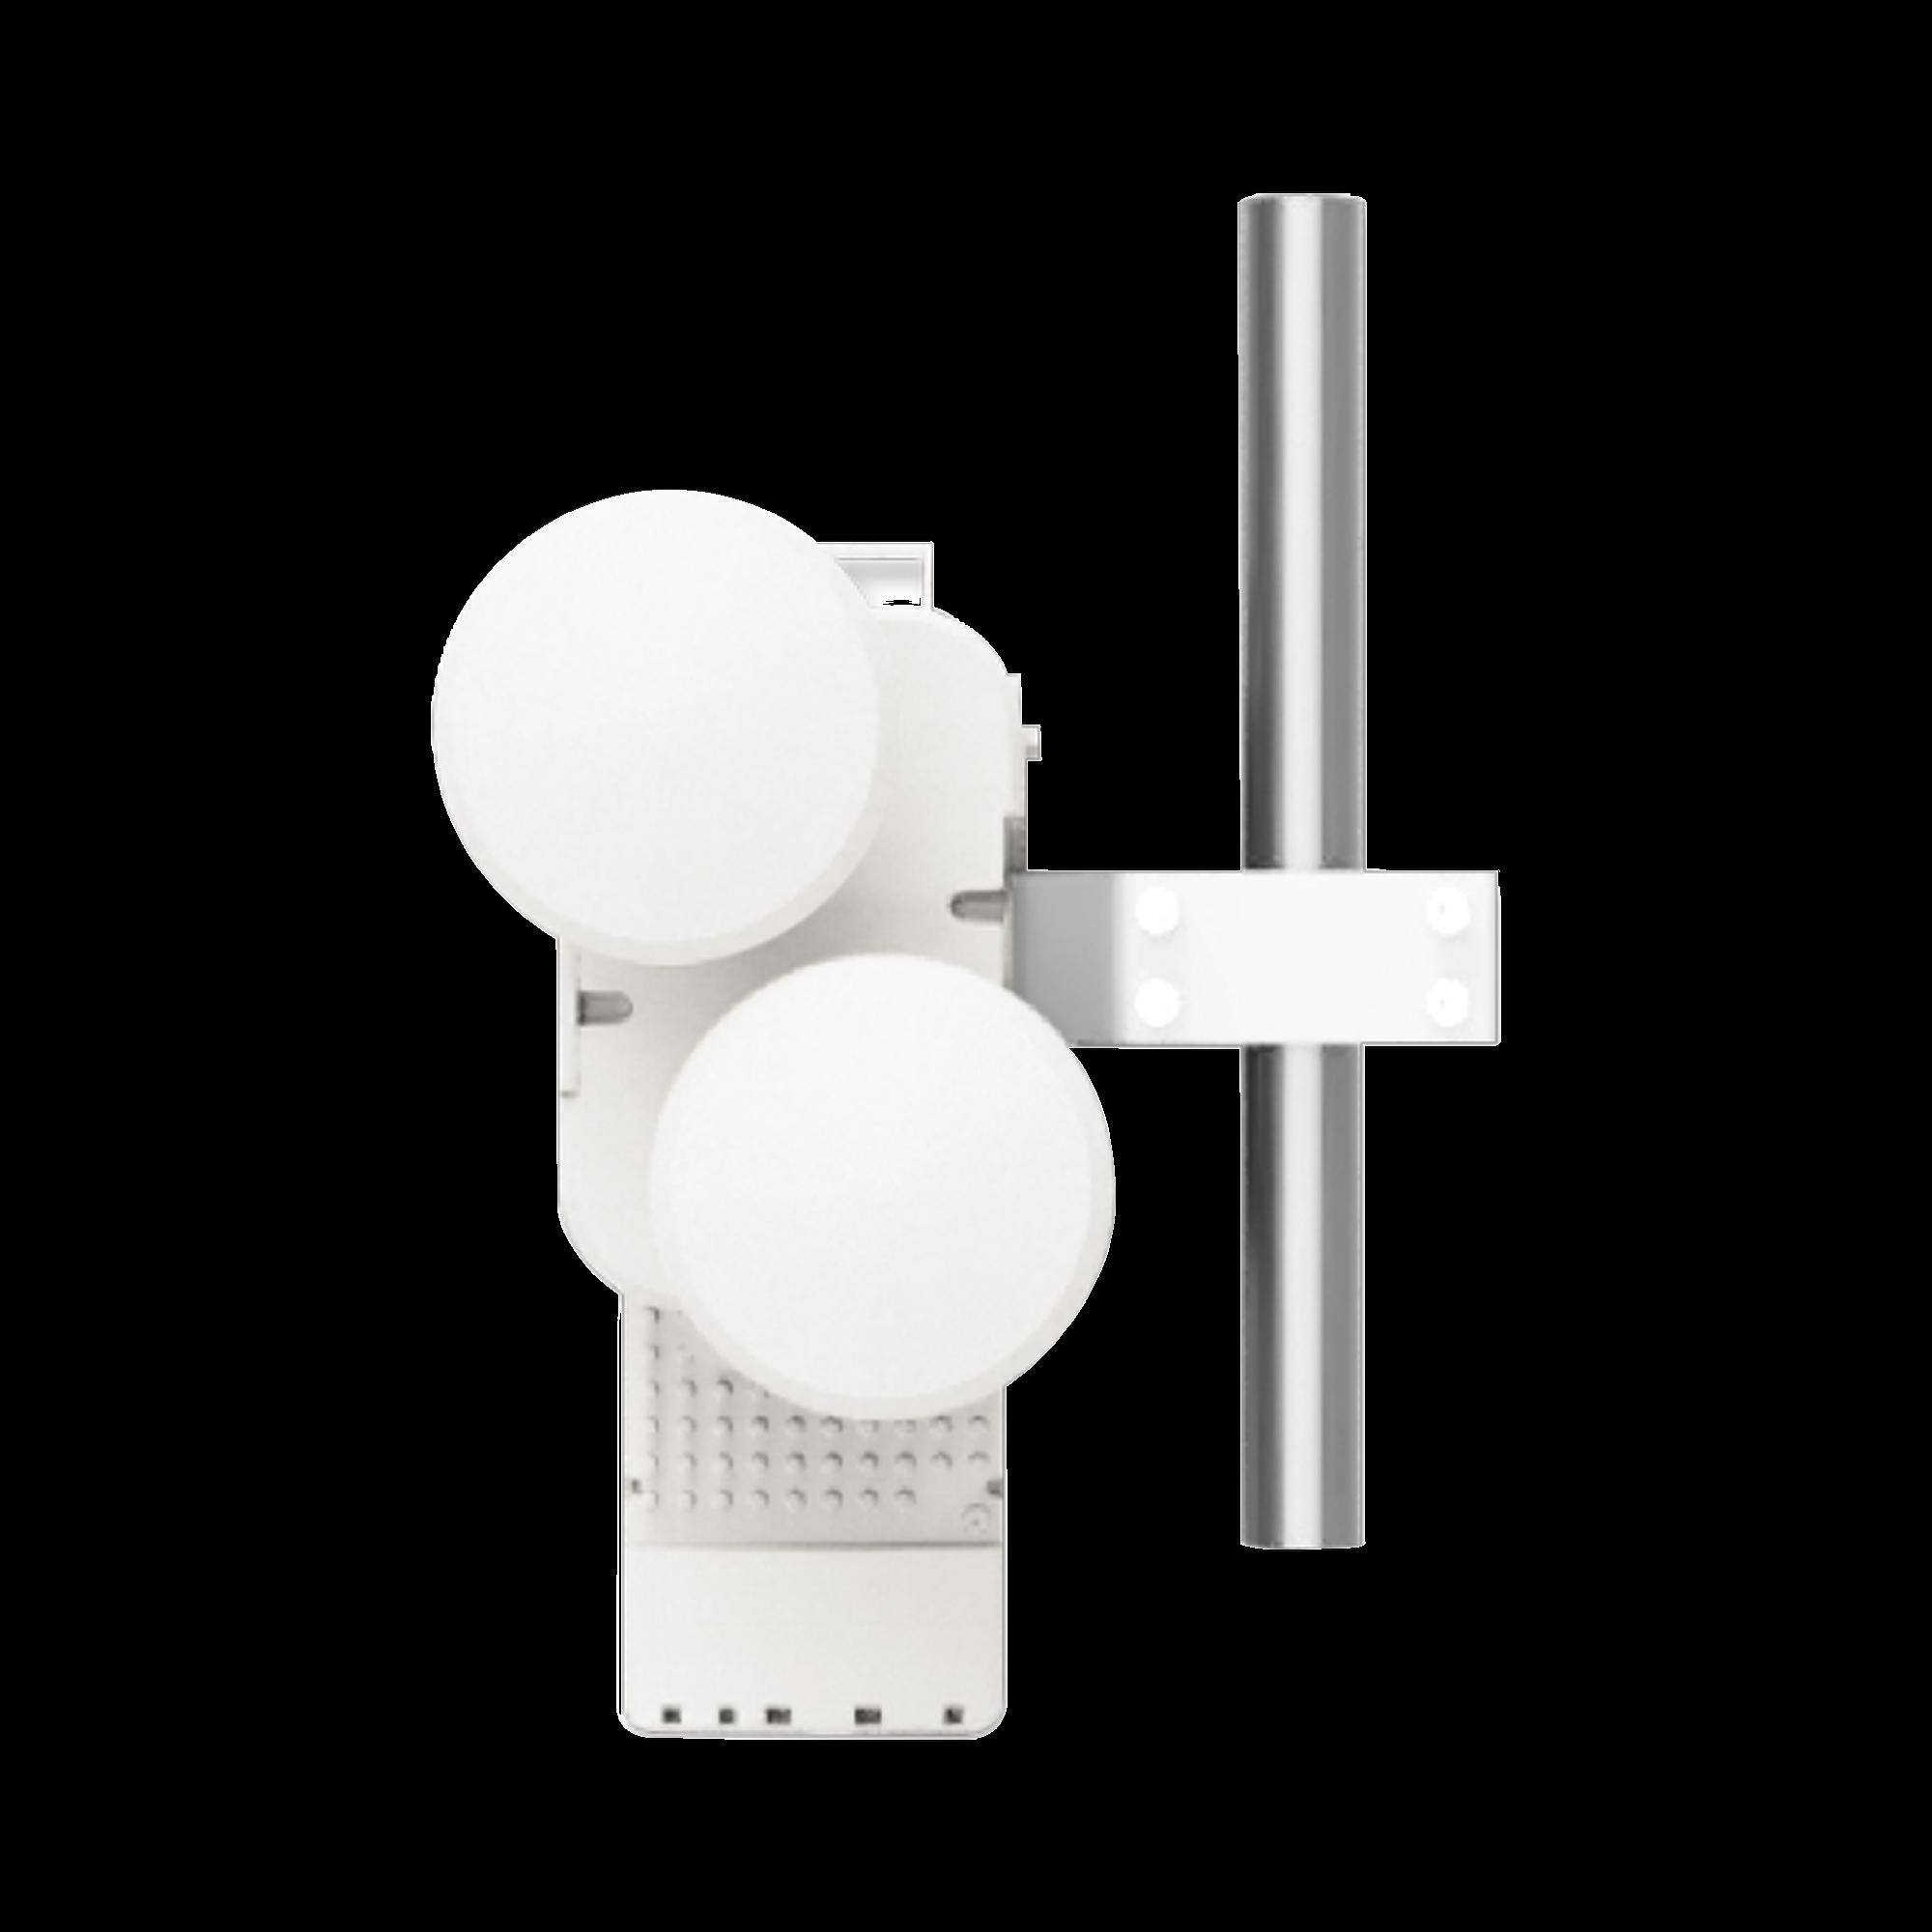 Antena sectorial Dual Horn MU-MIMO4X4 de 60 grados, 12 dBi, 5.1-6.1 GHz especial para ePMP 3000